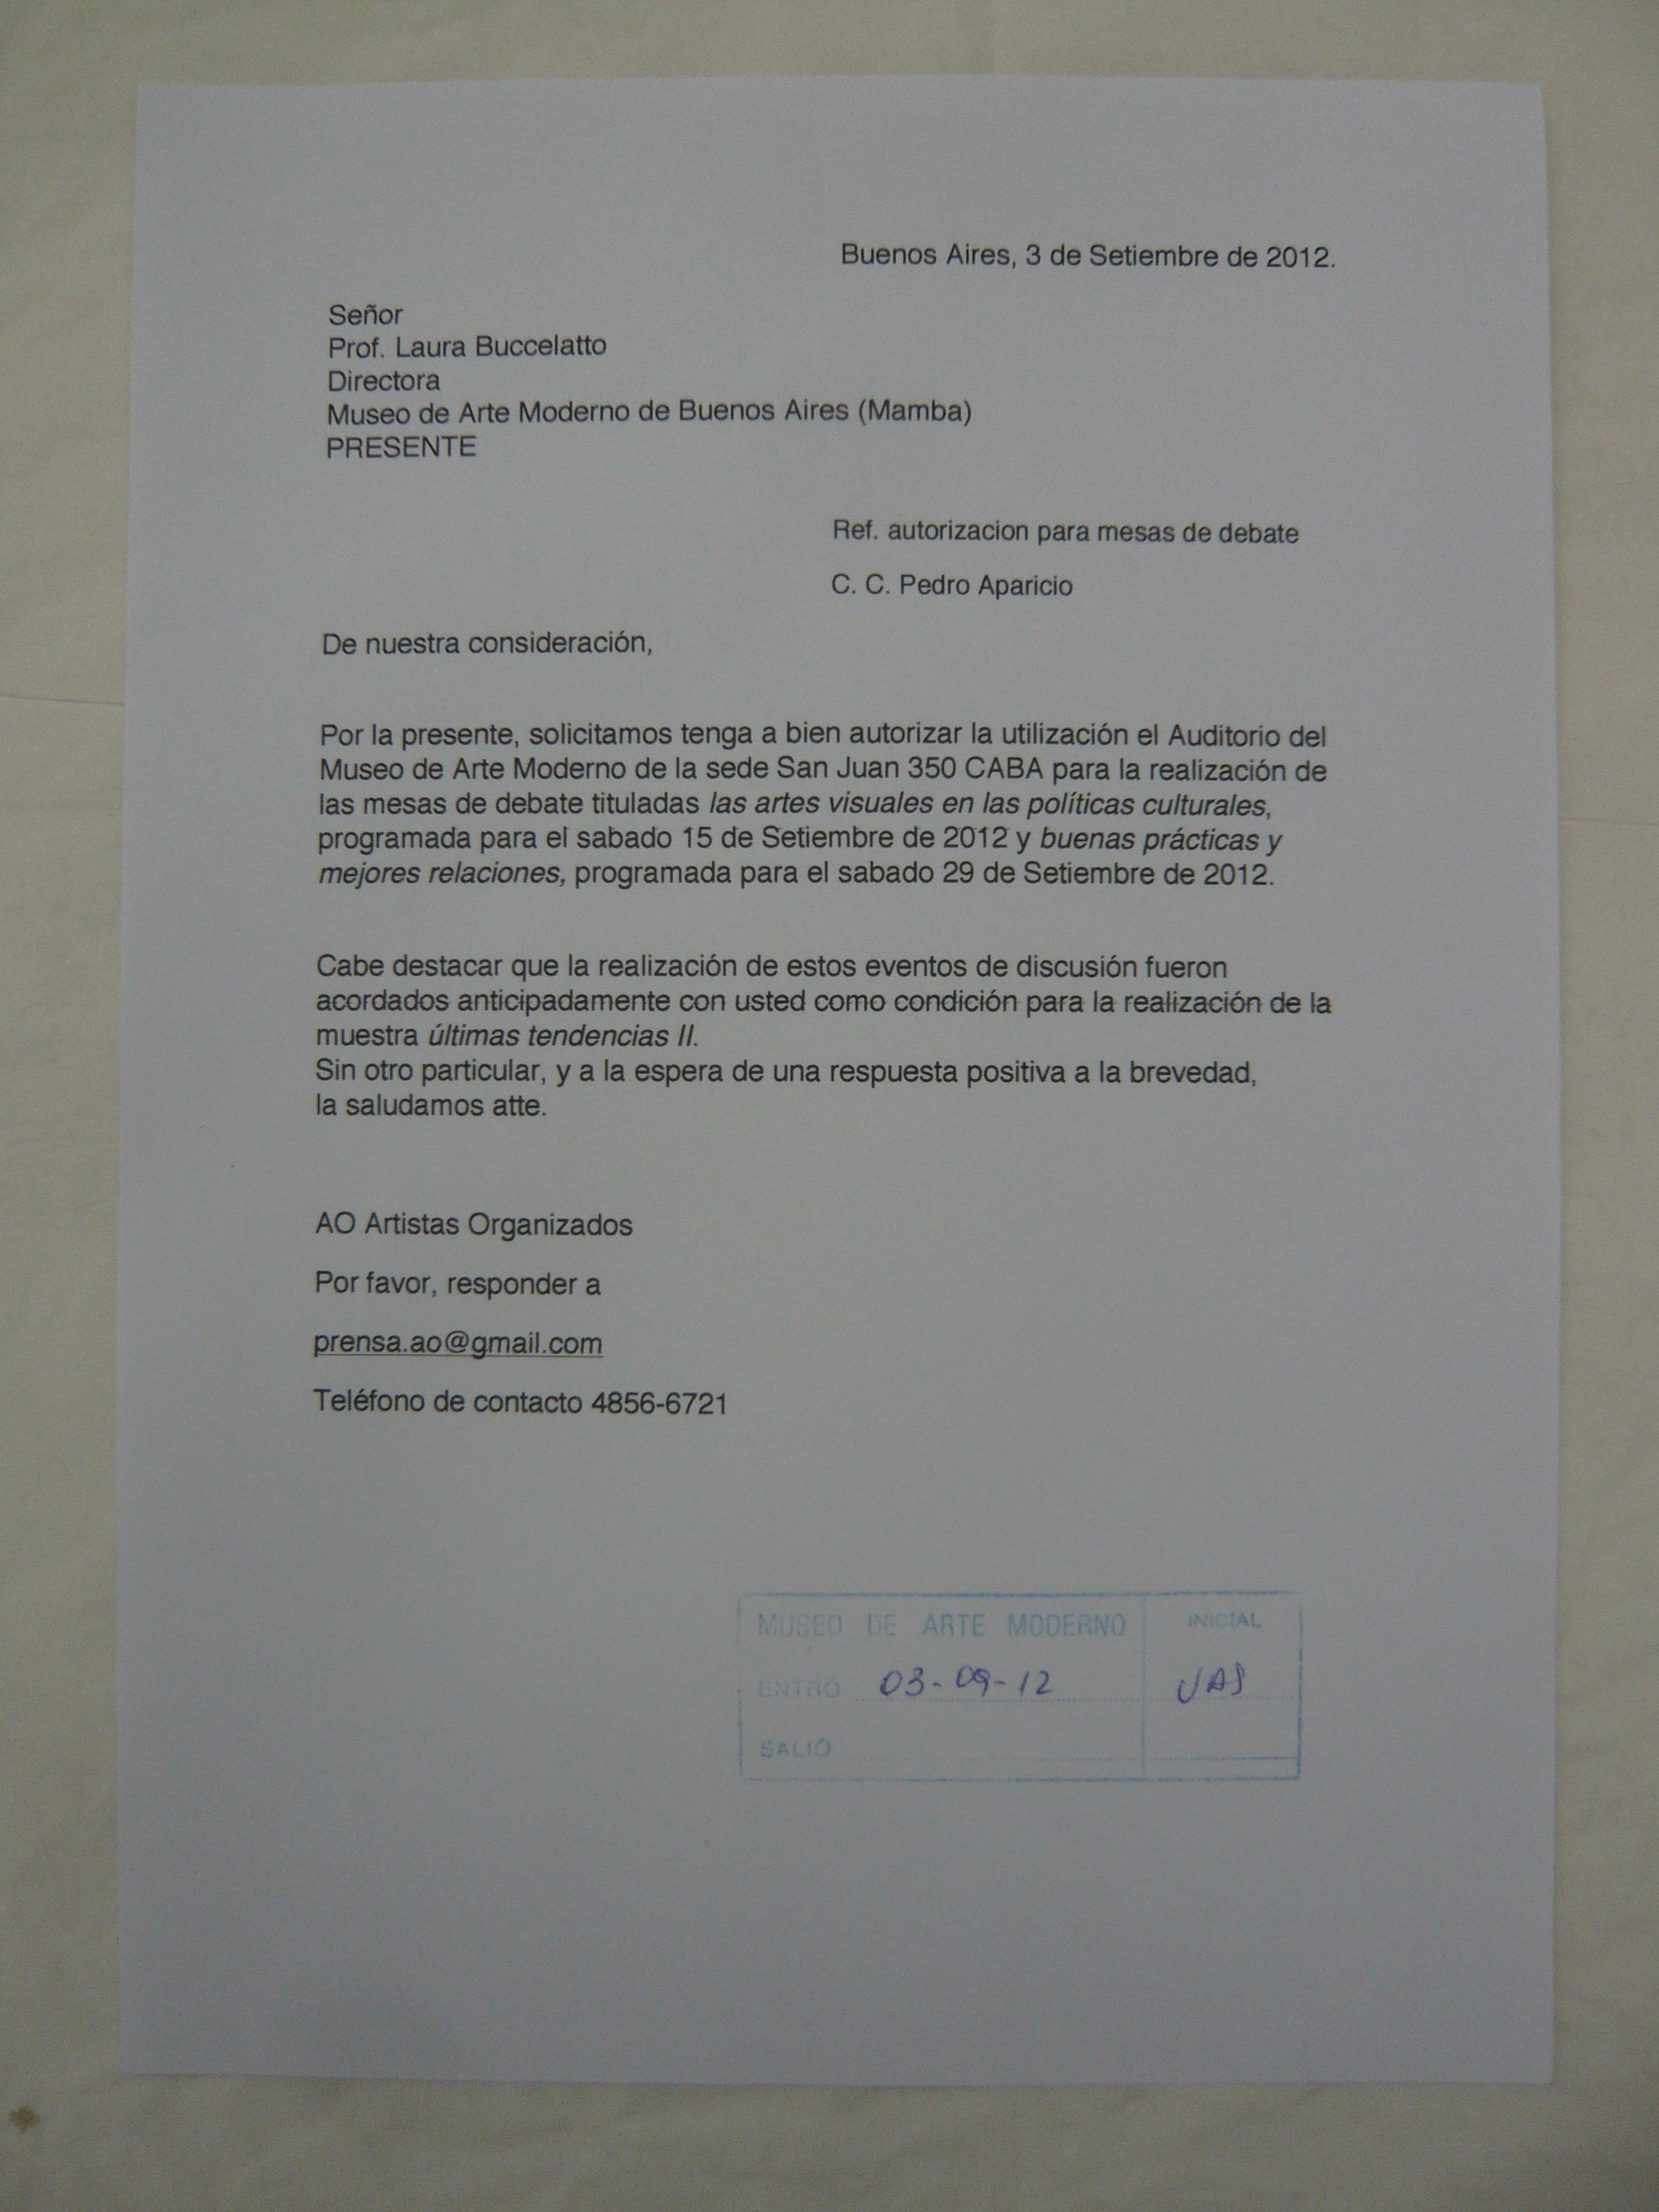 carta de solicitud de personas para realizar un evento